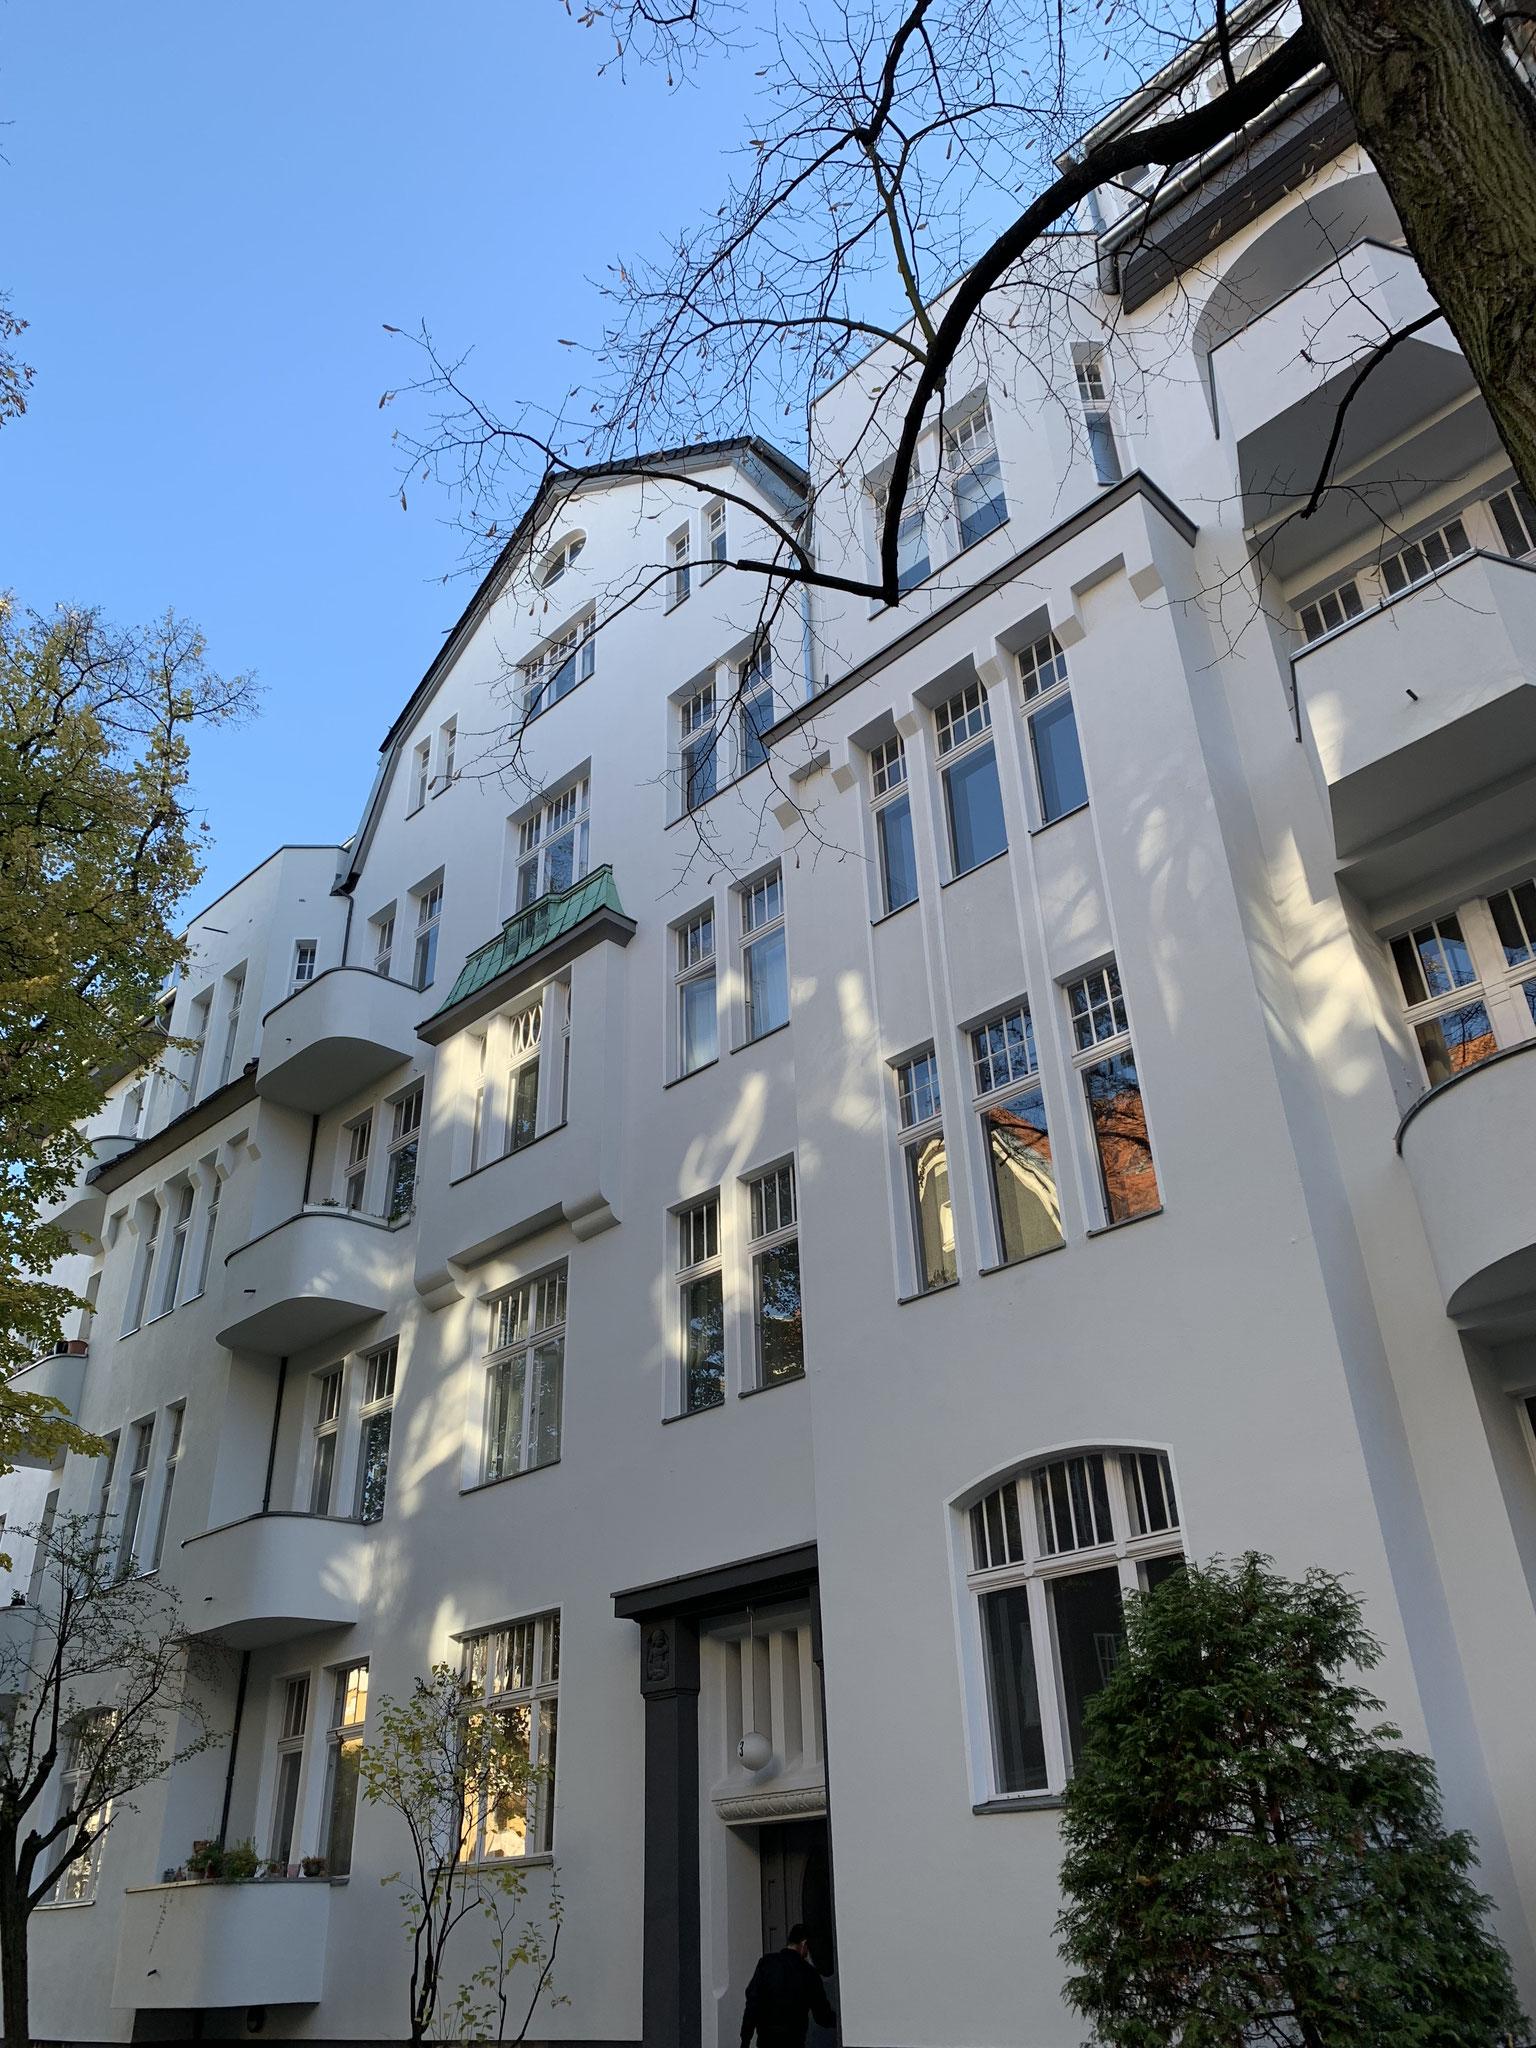 Sentastraße 2 - Fassadensanierung